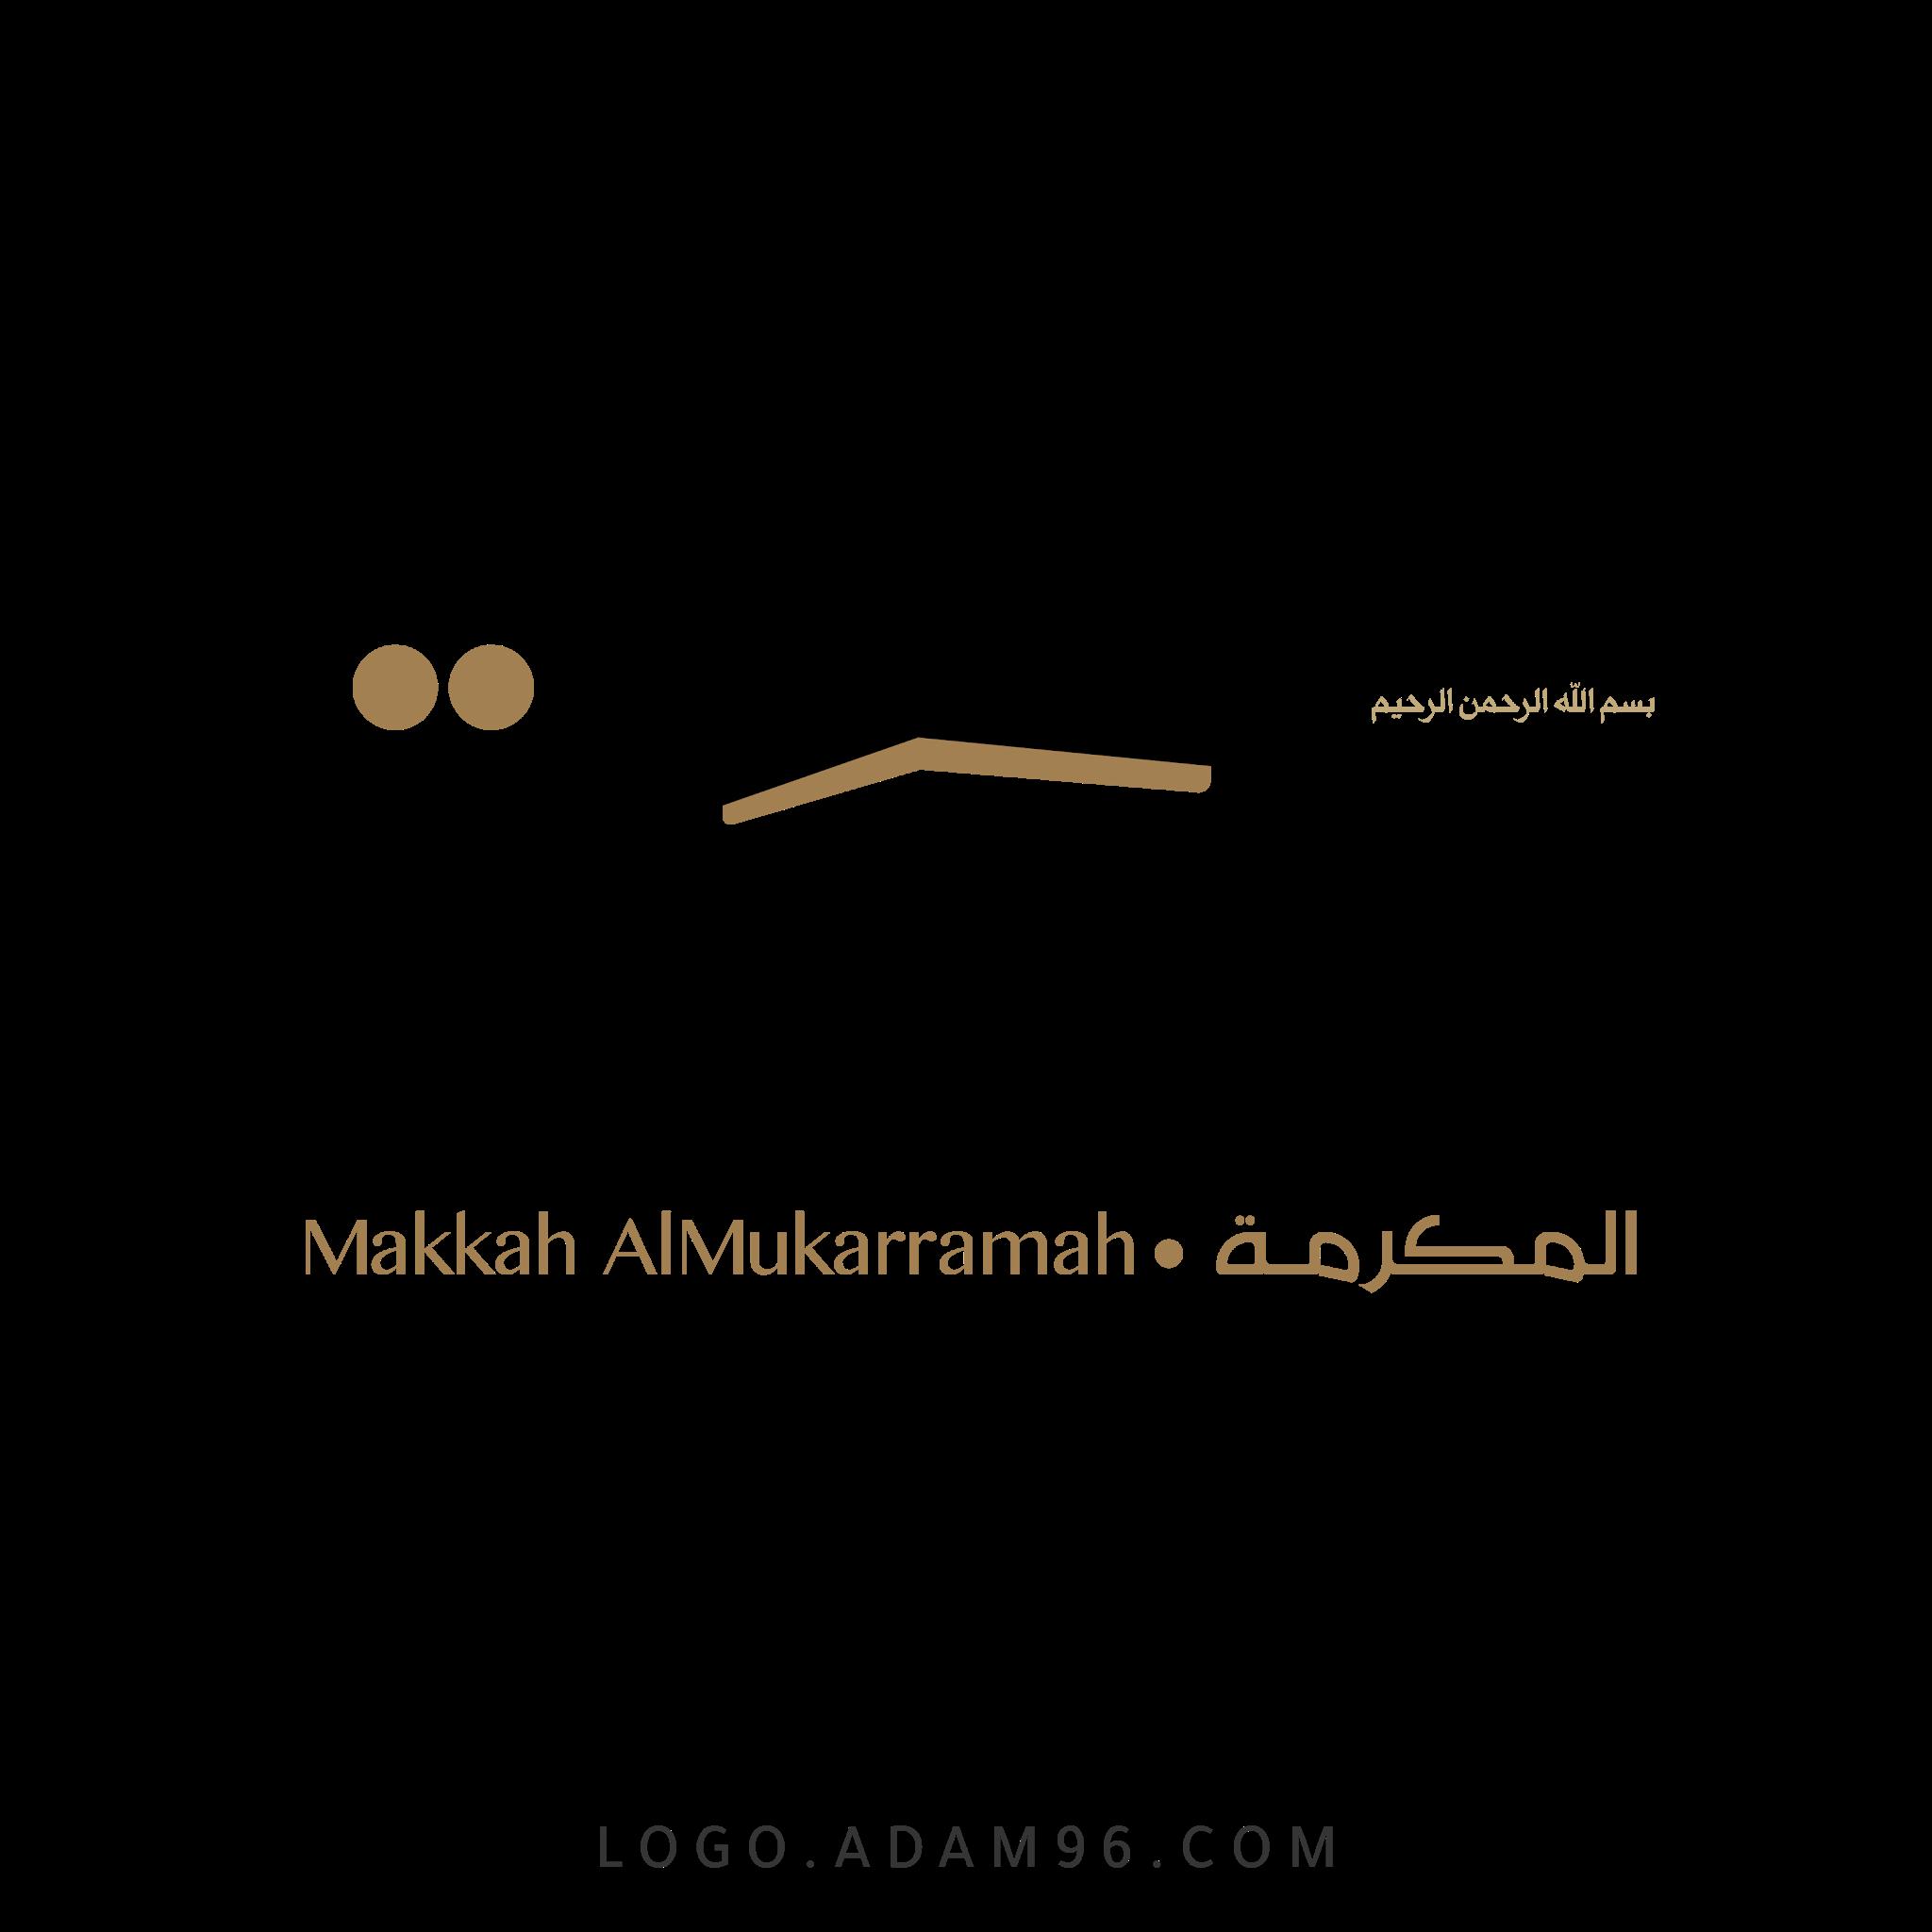 تحميل شعار جريدة مكة لوجو رسمي عالي الدقة بصيغة شفافة PNG